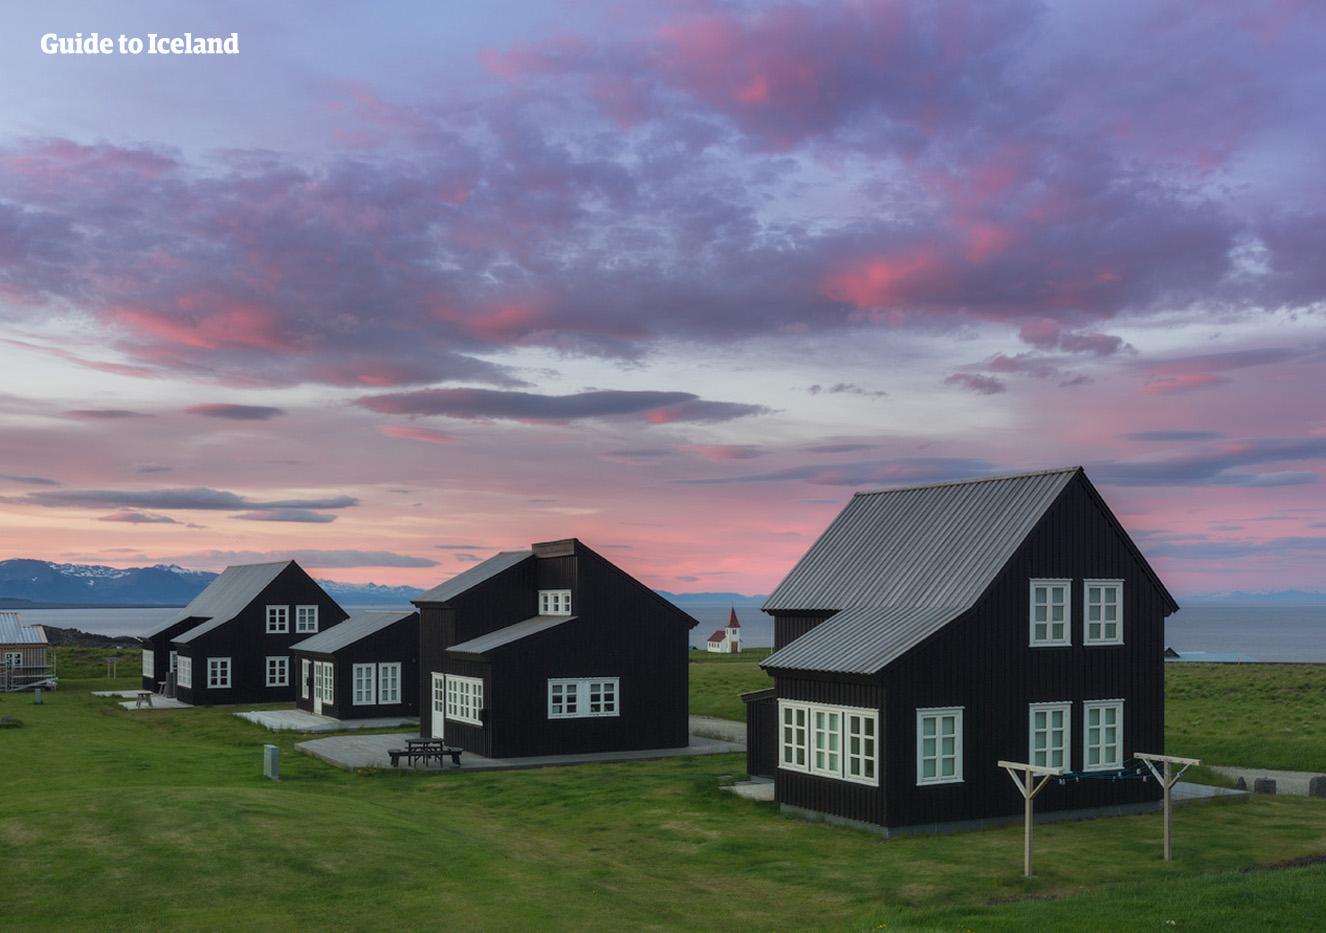 上海机票预定_2020年冰岛签证攻略 | Guide to Iceland